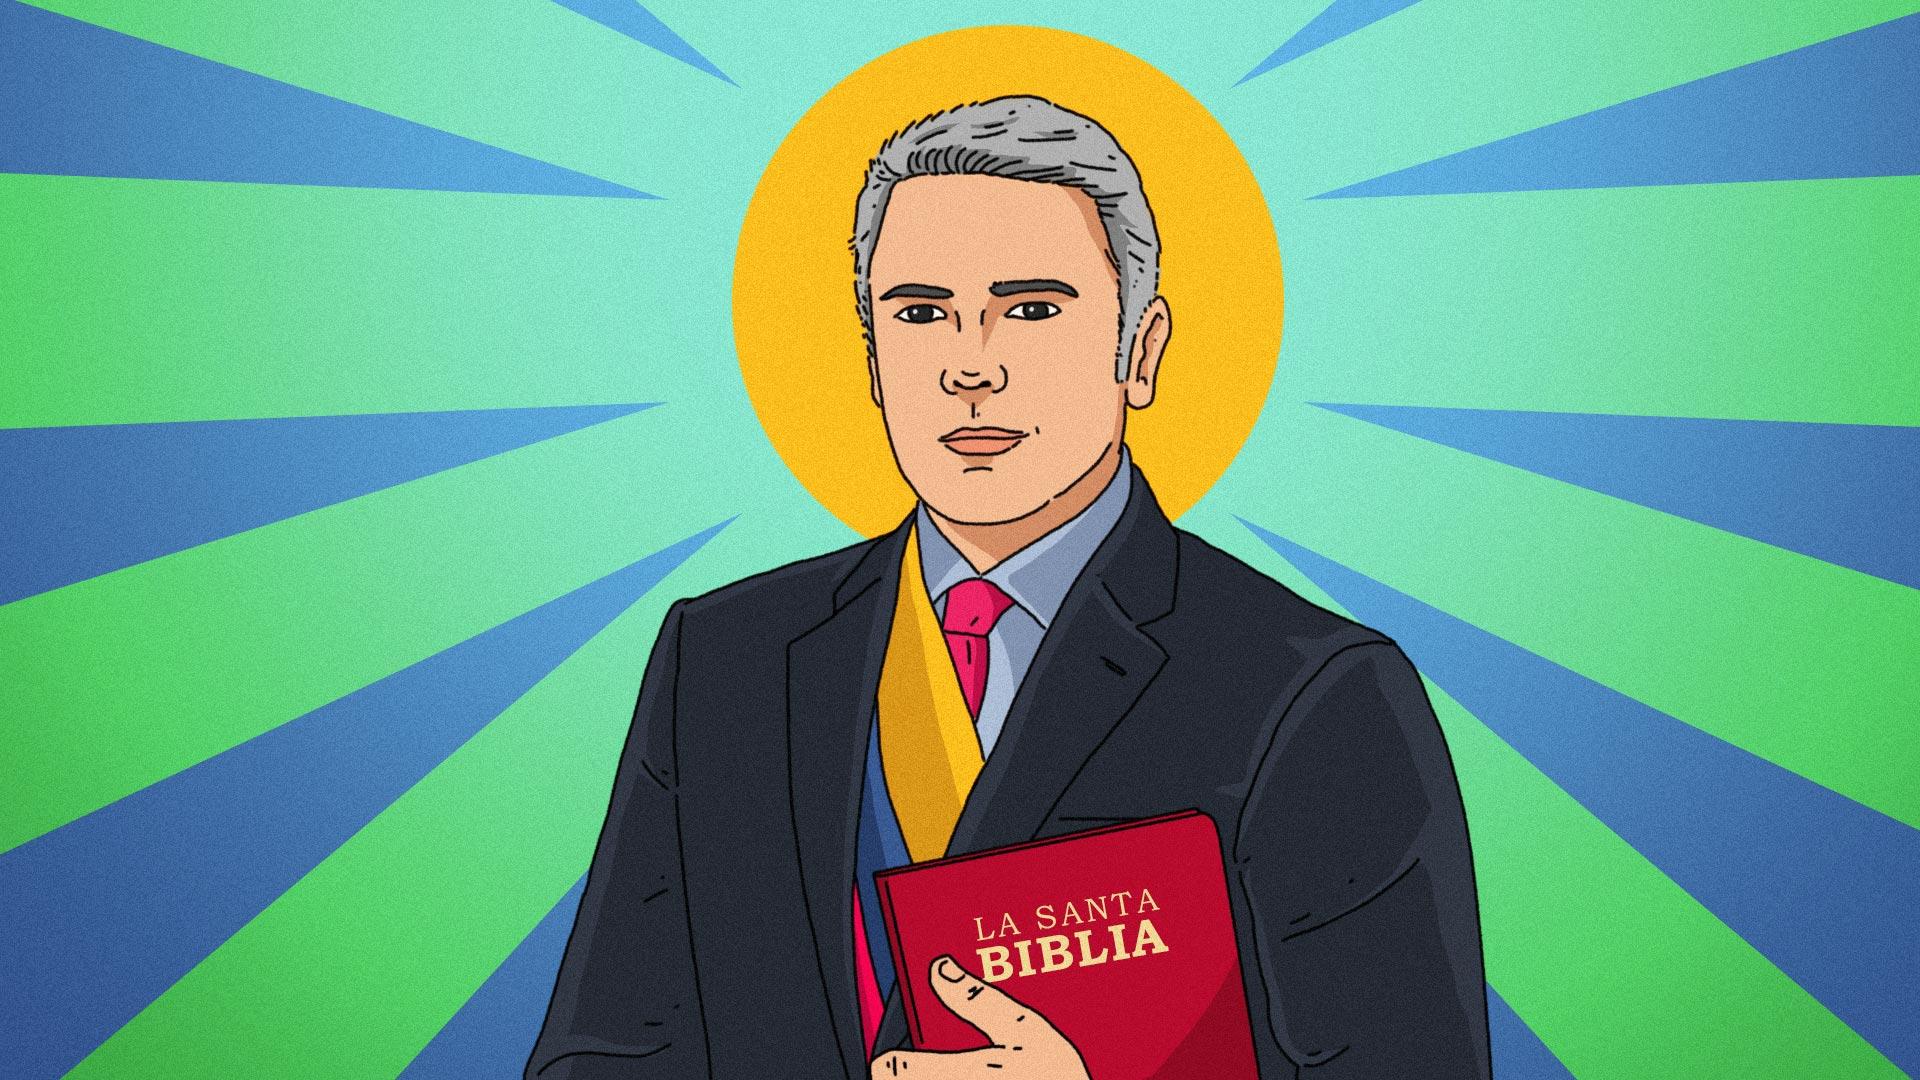 La Biblia: ¿La guía para el Plan Nacional de Desarrollo de Duque?